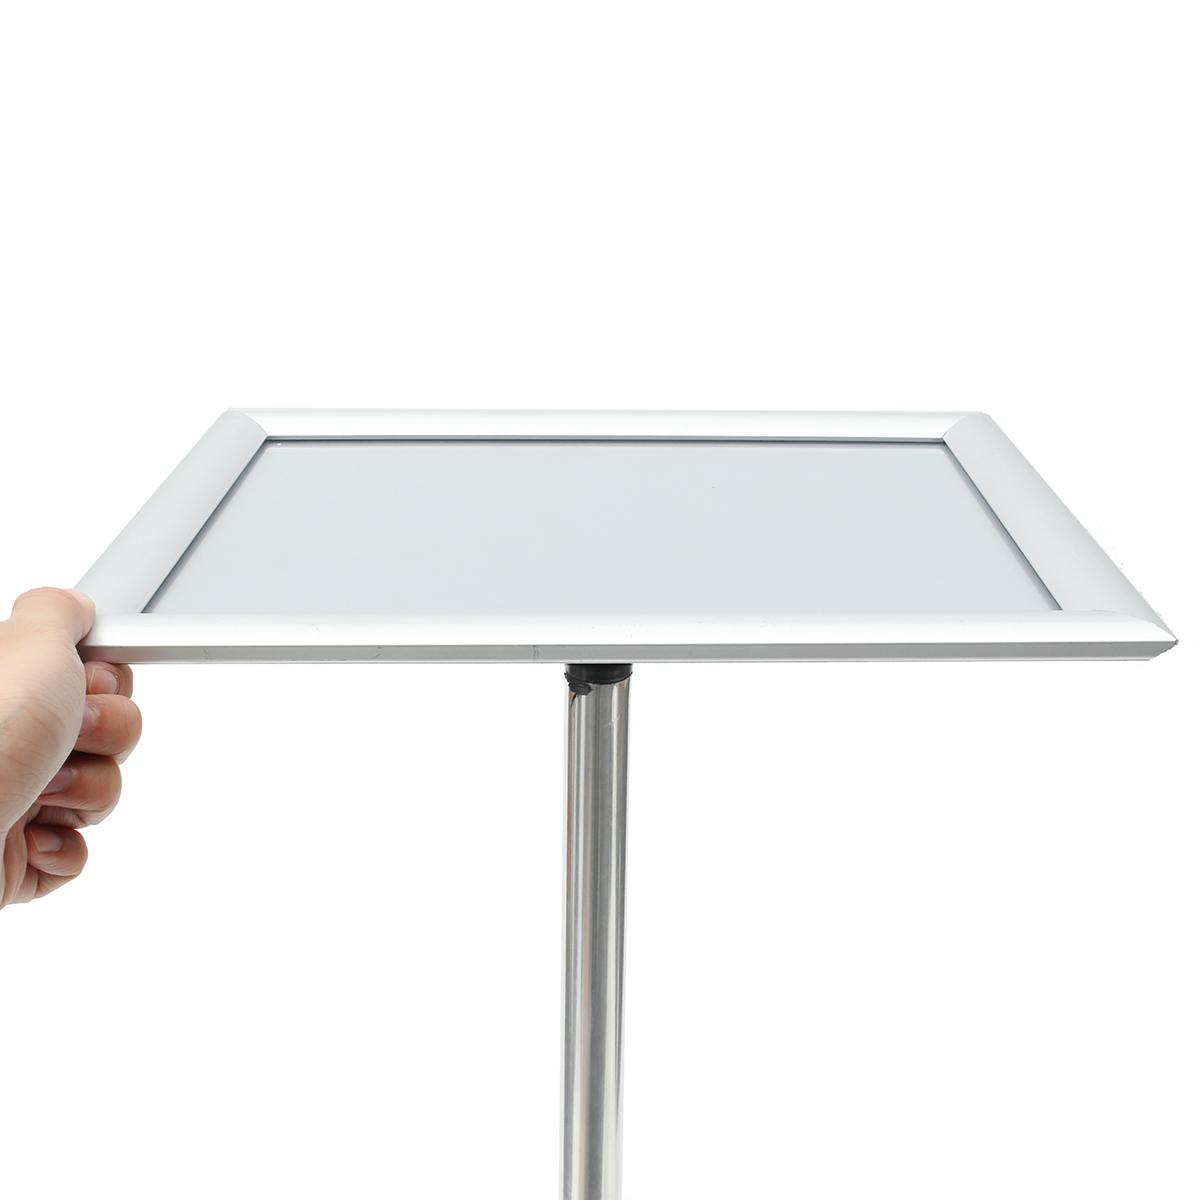 Adjustable A4 Metal Display Pedestal Sign Floor Holder